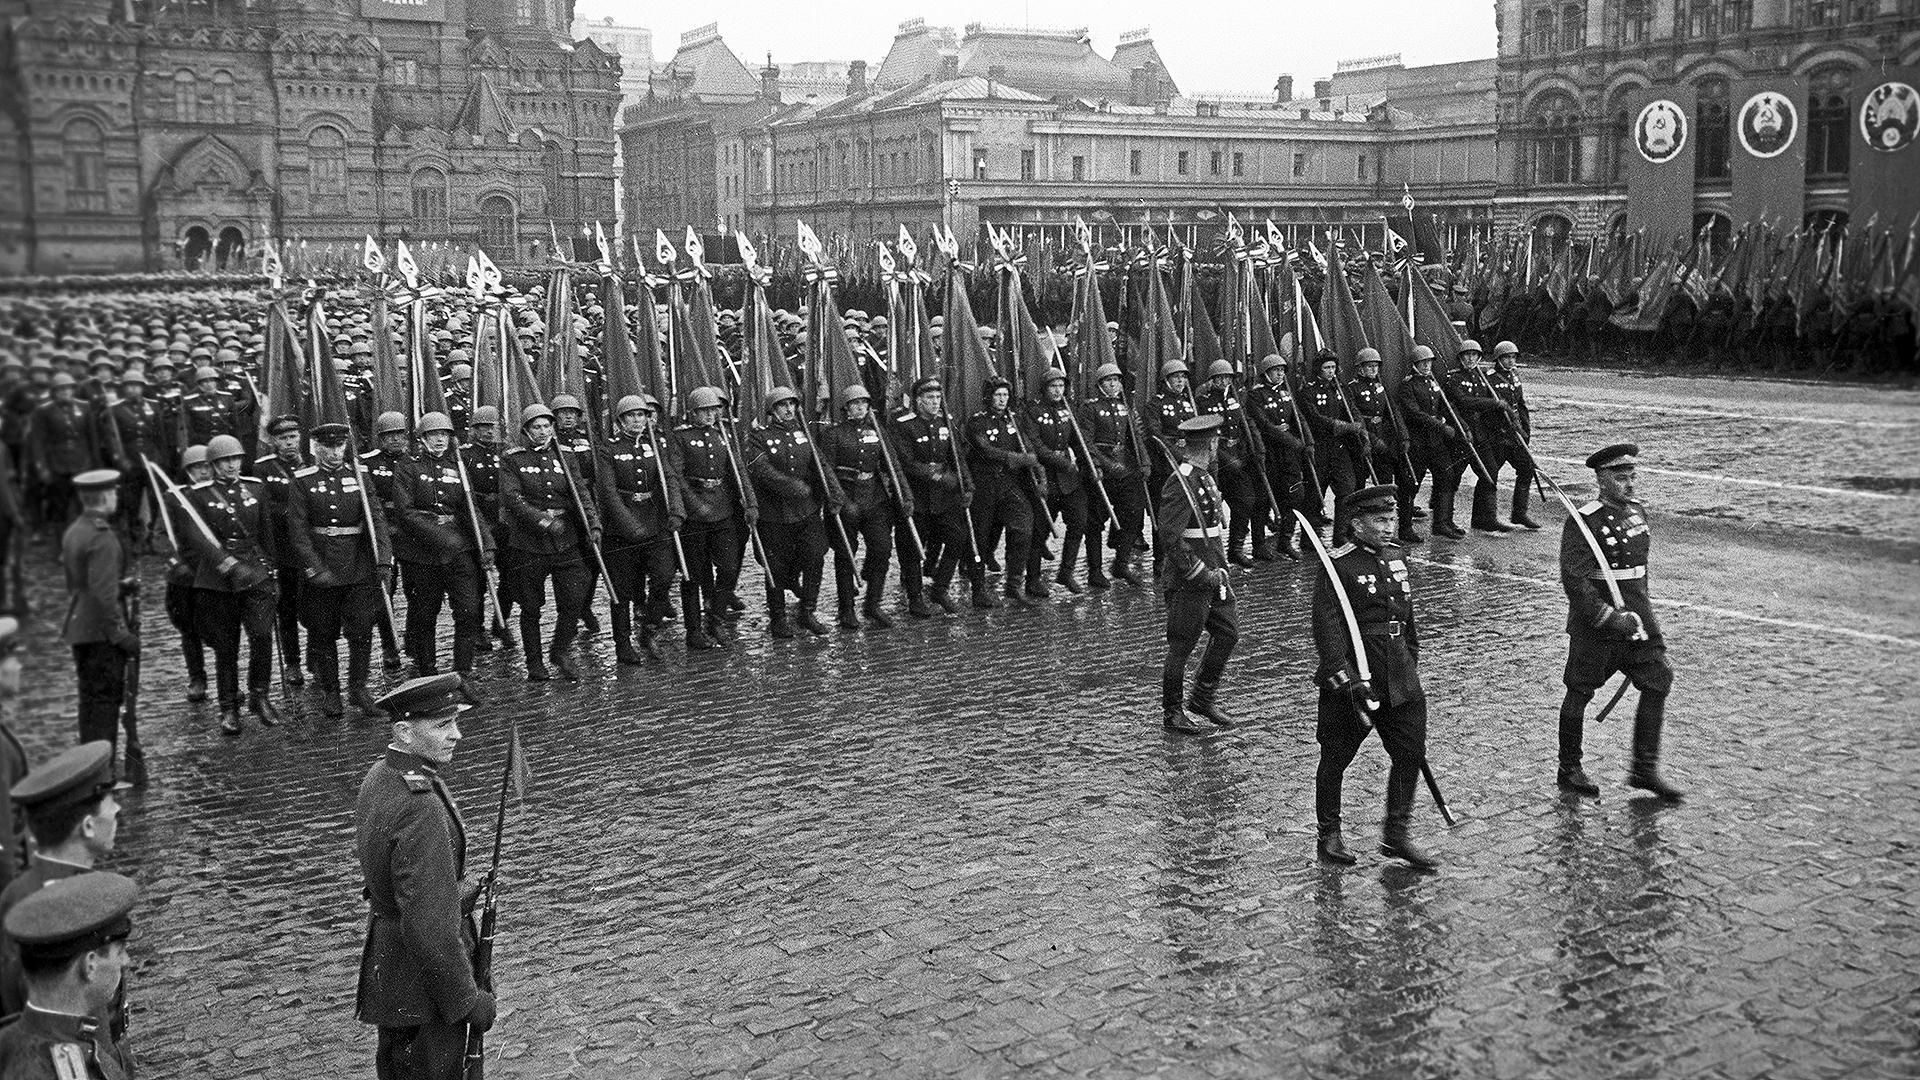 https://vpk.name/file/img/demonstraciya-sily-kak-gotovilsya-parad-pobedy-1945-goda-70hrrijh-1588973341.jpg